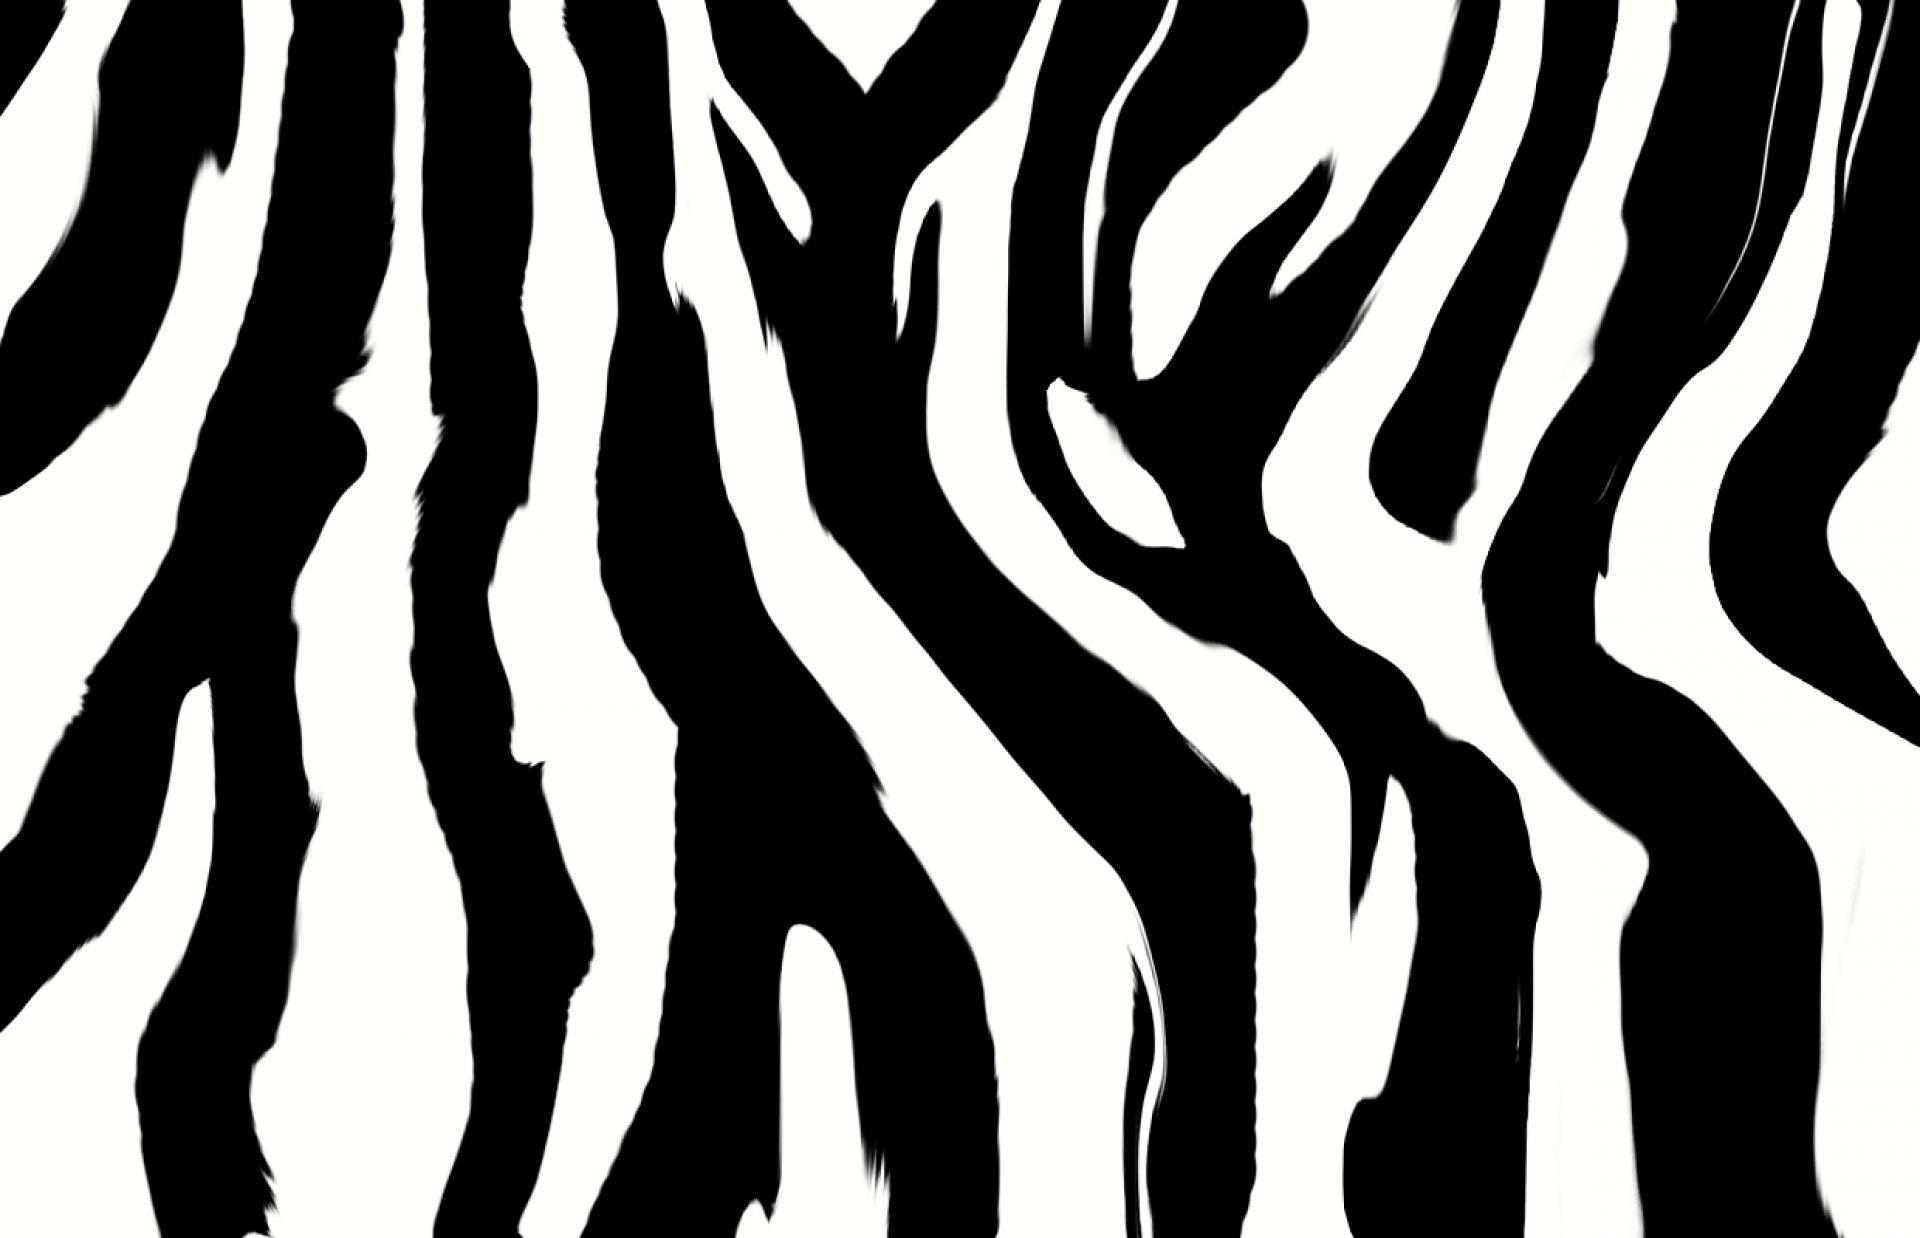 http://www.3d-hdwallpaper.com//bulk_images/hd-zebra-pink-wallpaper ...